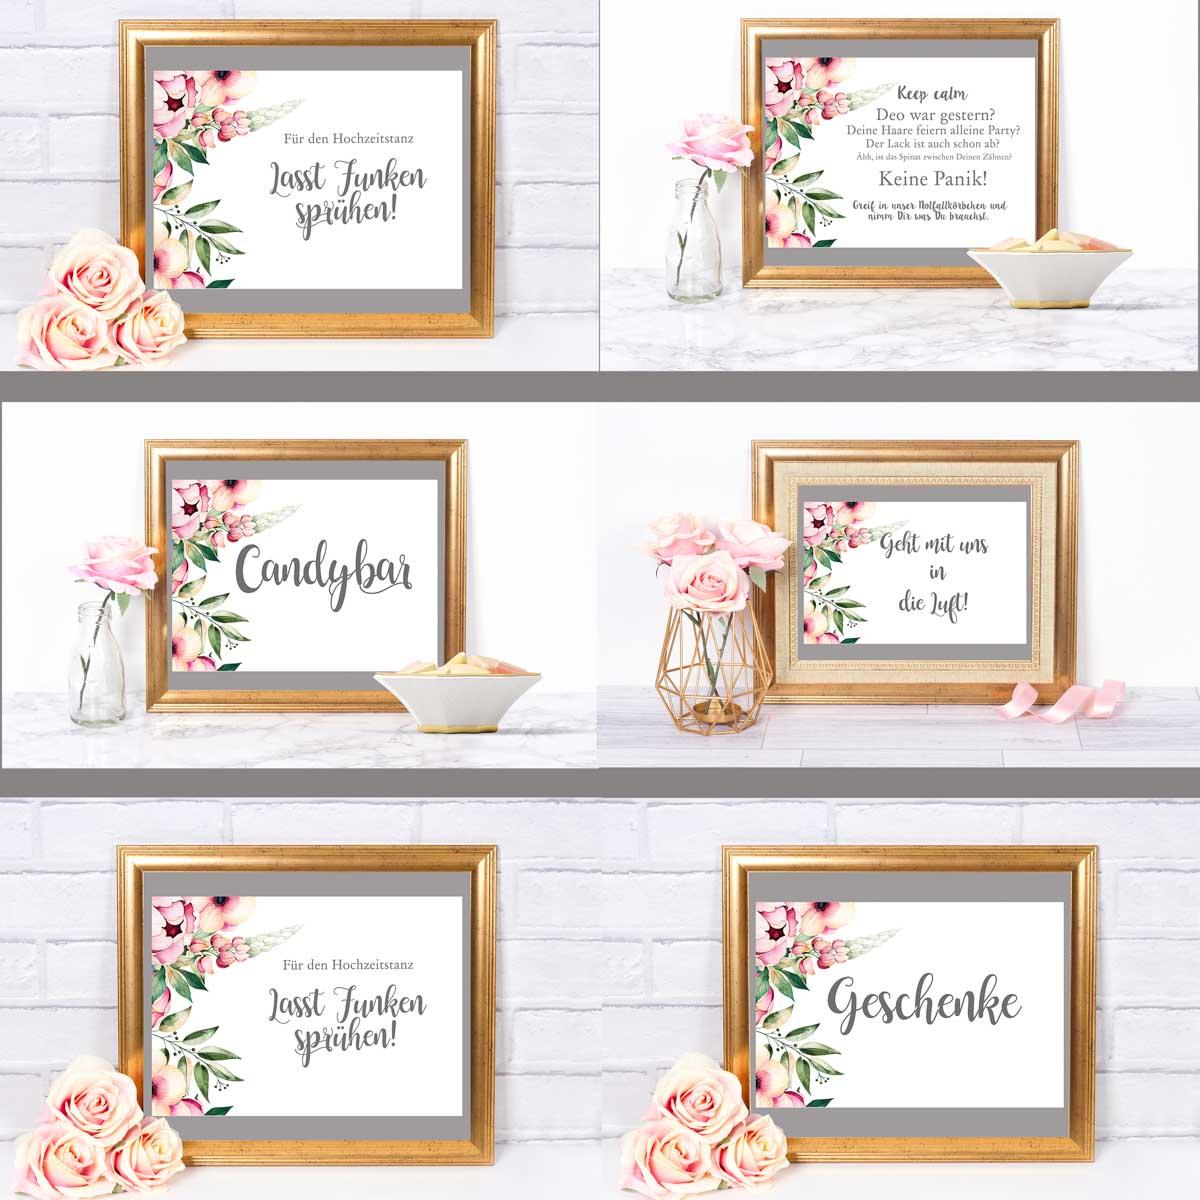 Hochzeitskarten Vorlagen Einladungskarten Gestalten Kostenlos Amazon